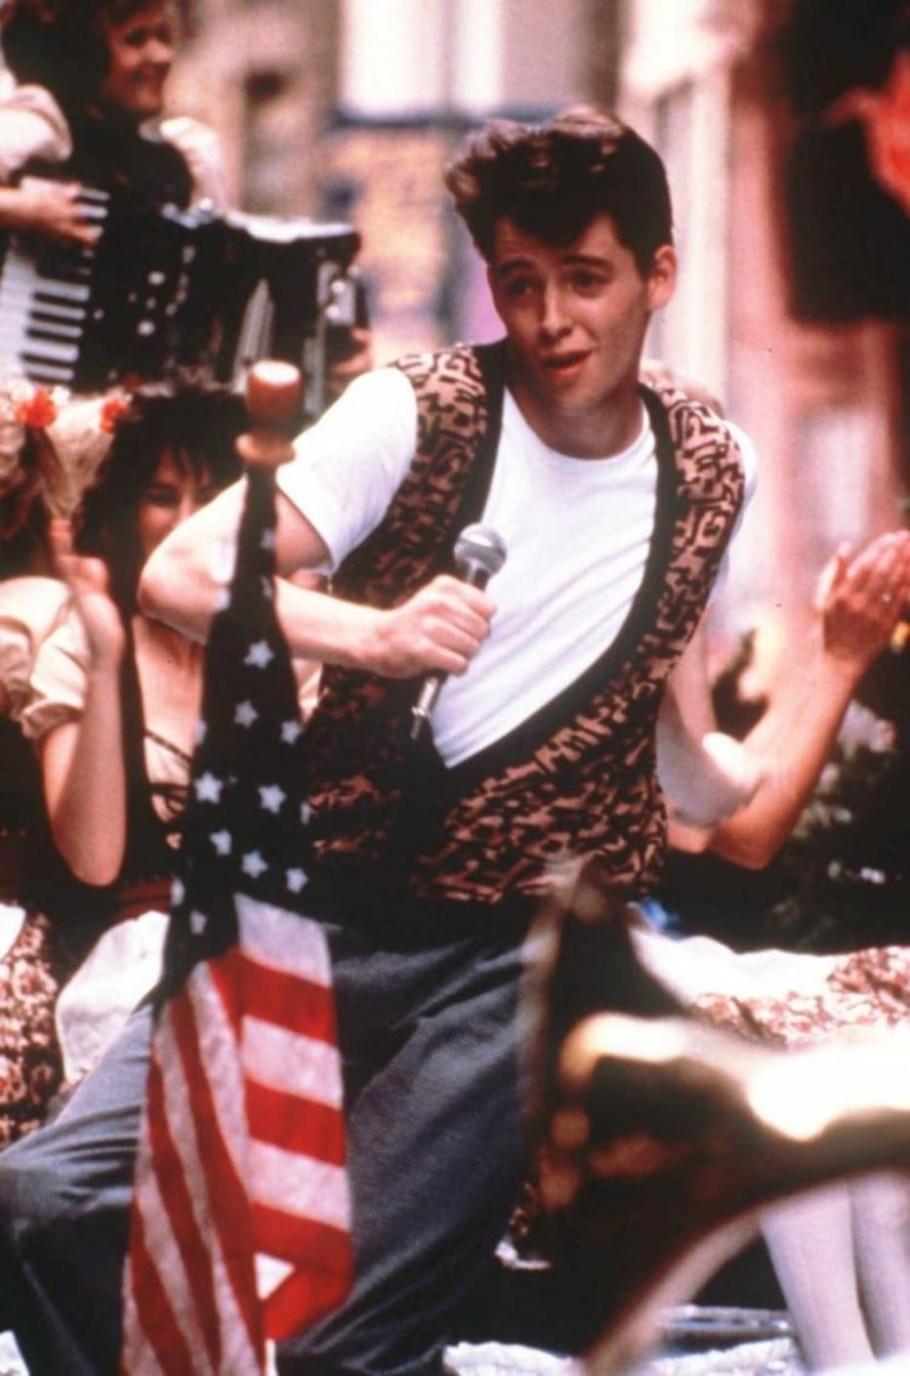 6.º - 'Curtindo a Vida Adoidado', 1986 - Divulgação